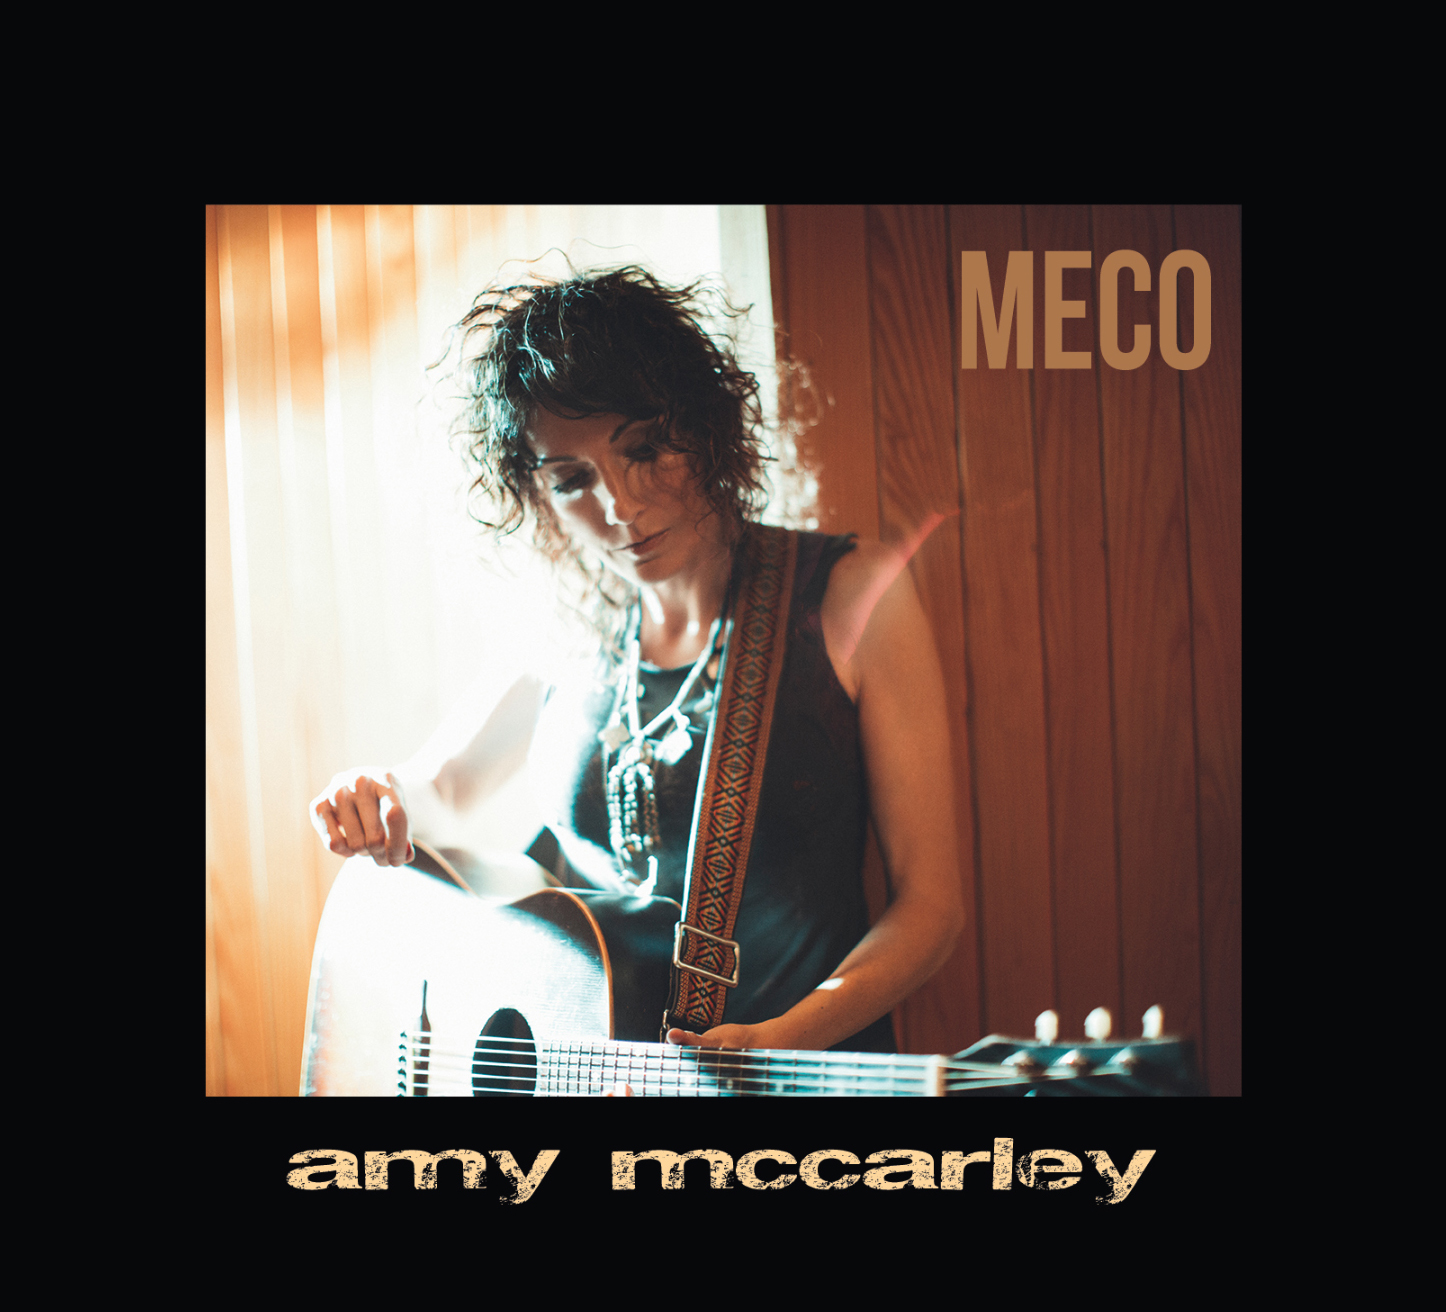 MECO_ALBUM_COVERART